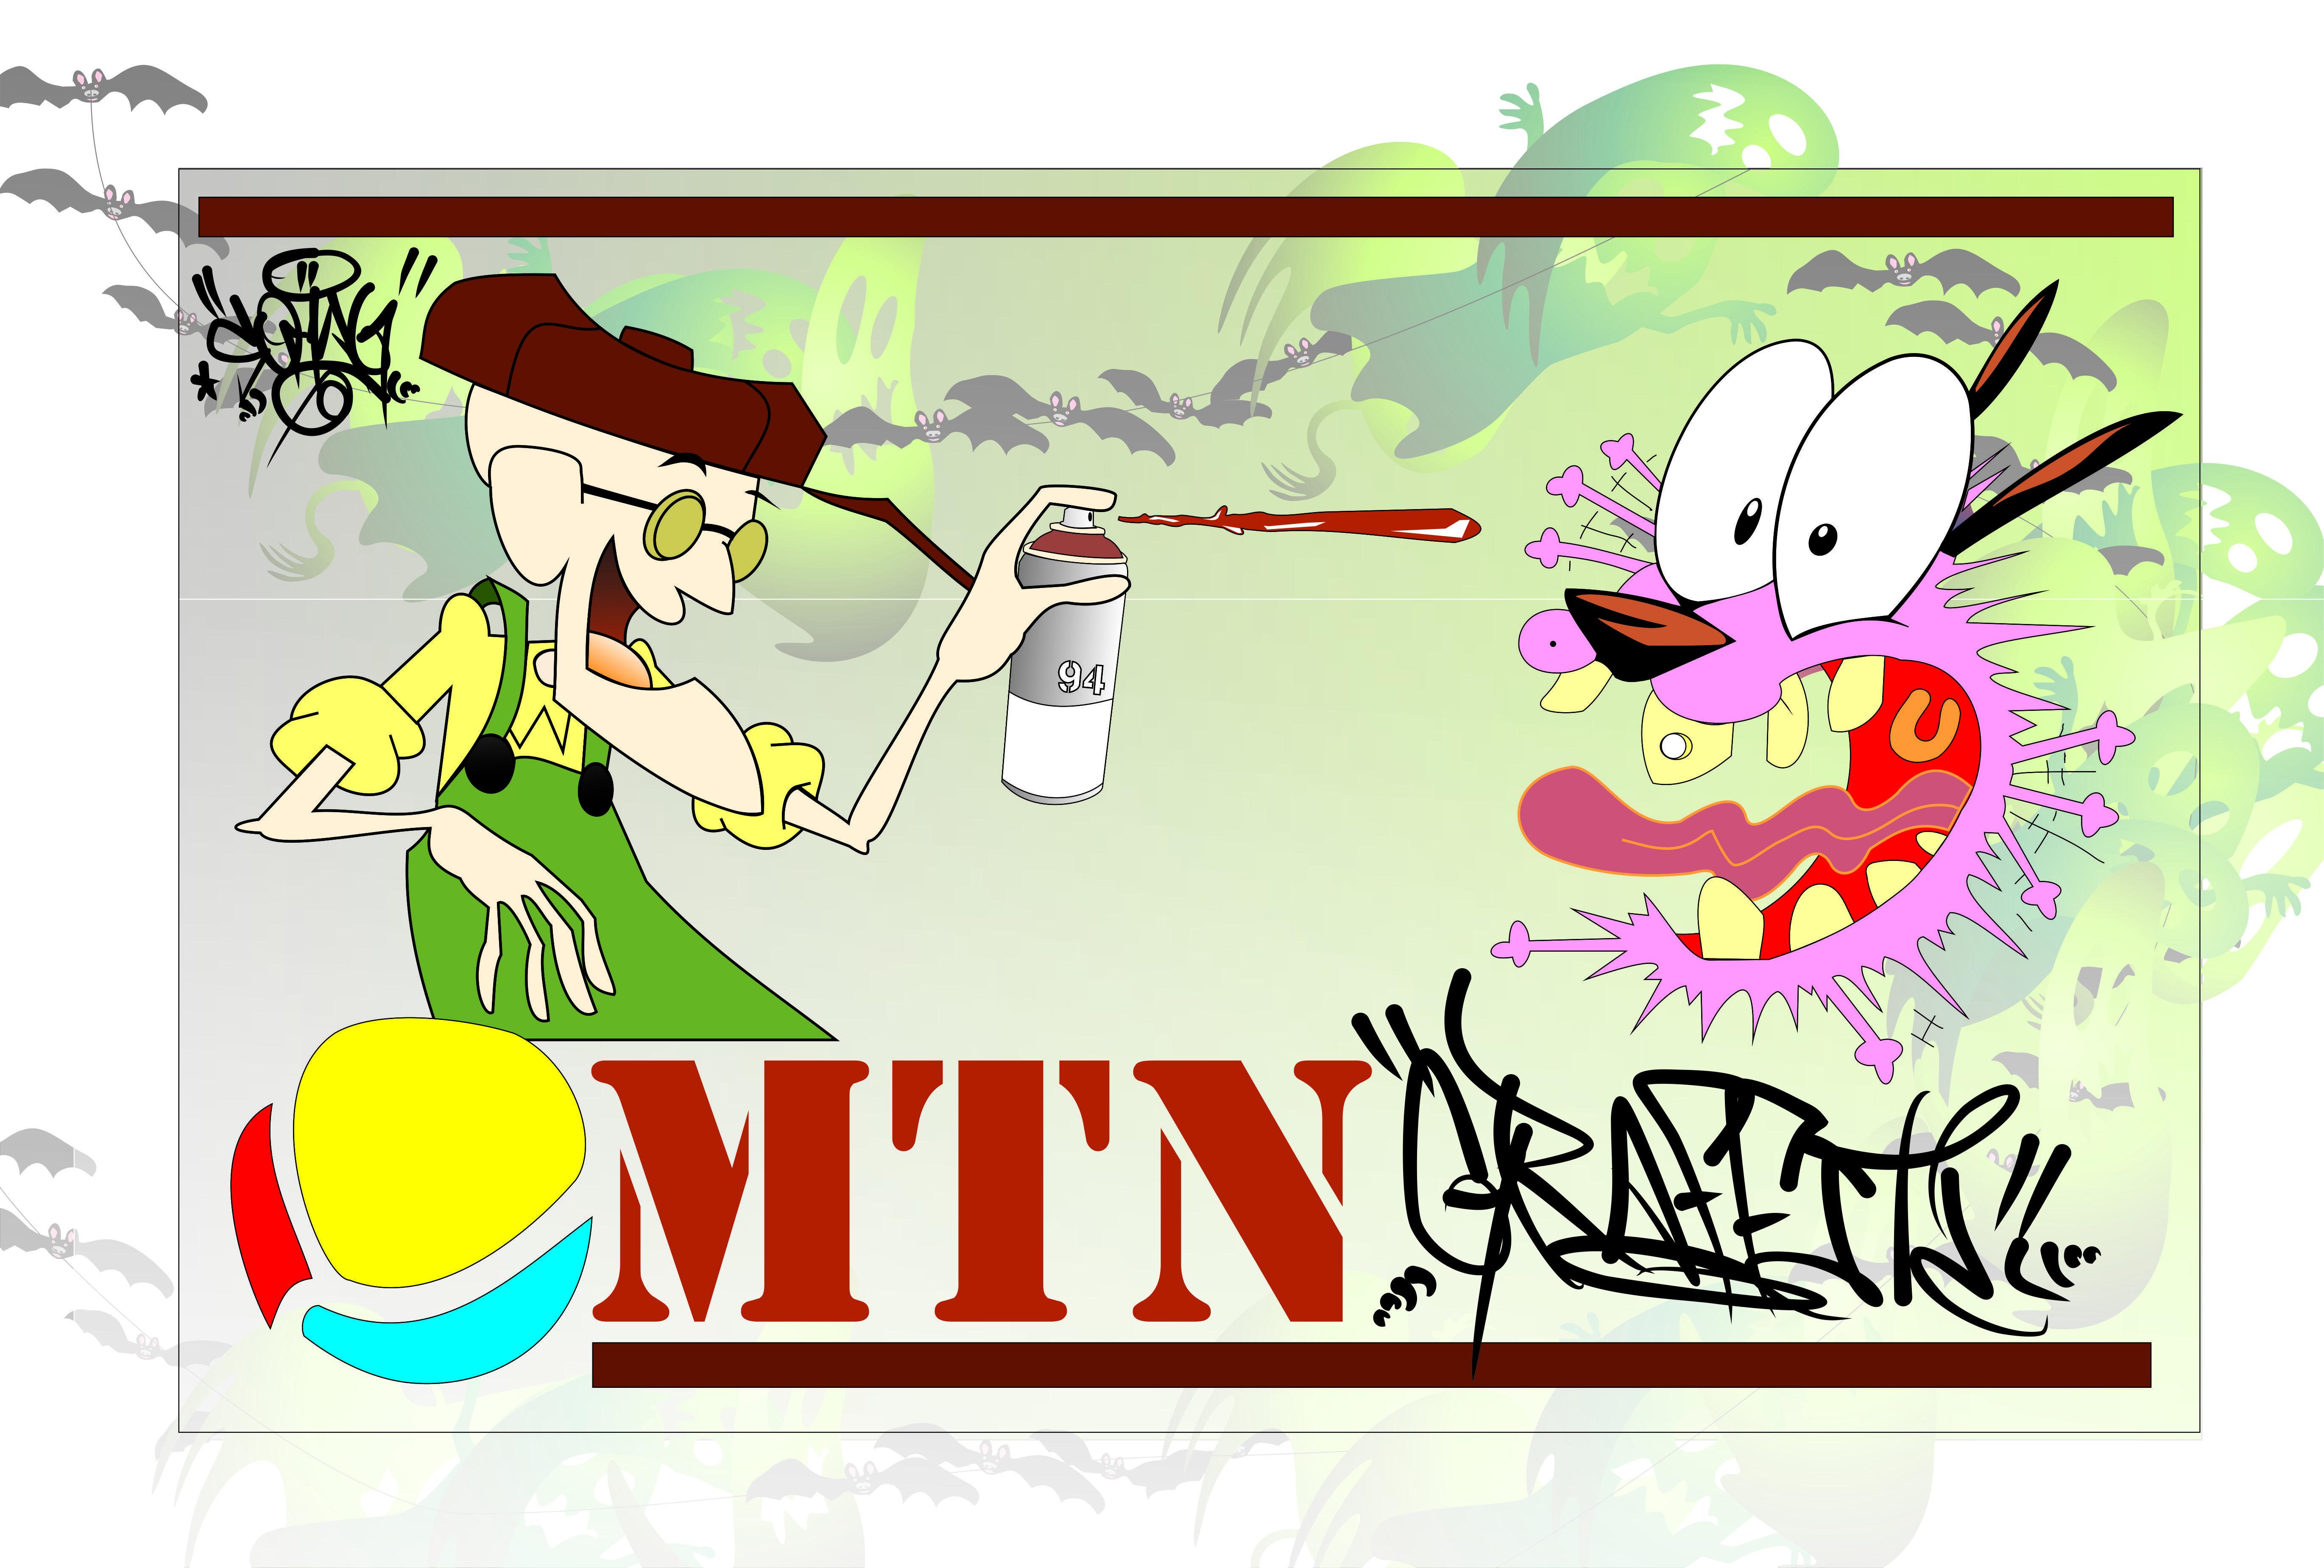 trabajo explorar herramienta de vector en corel.  coraje el perro cobarde graffitero con montana 94! SOMAG